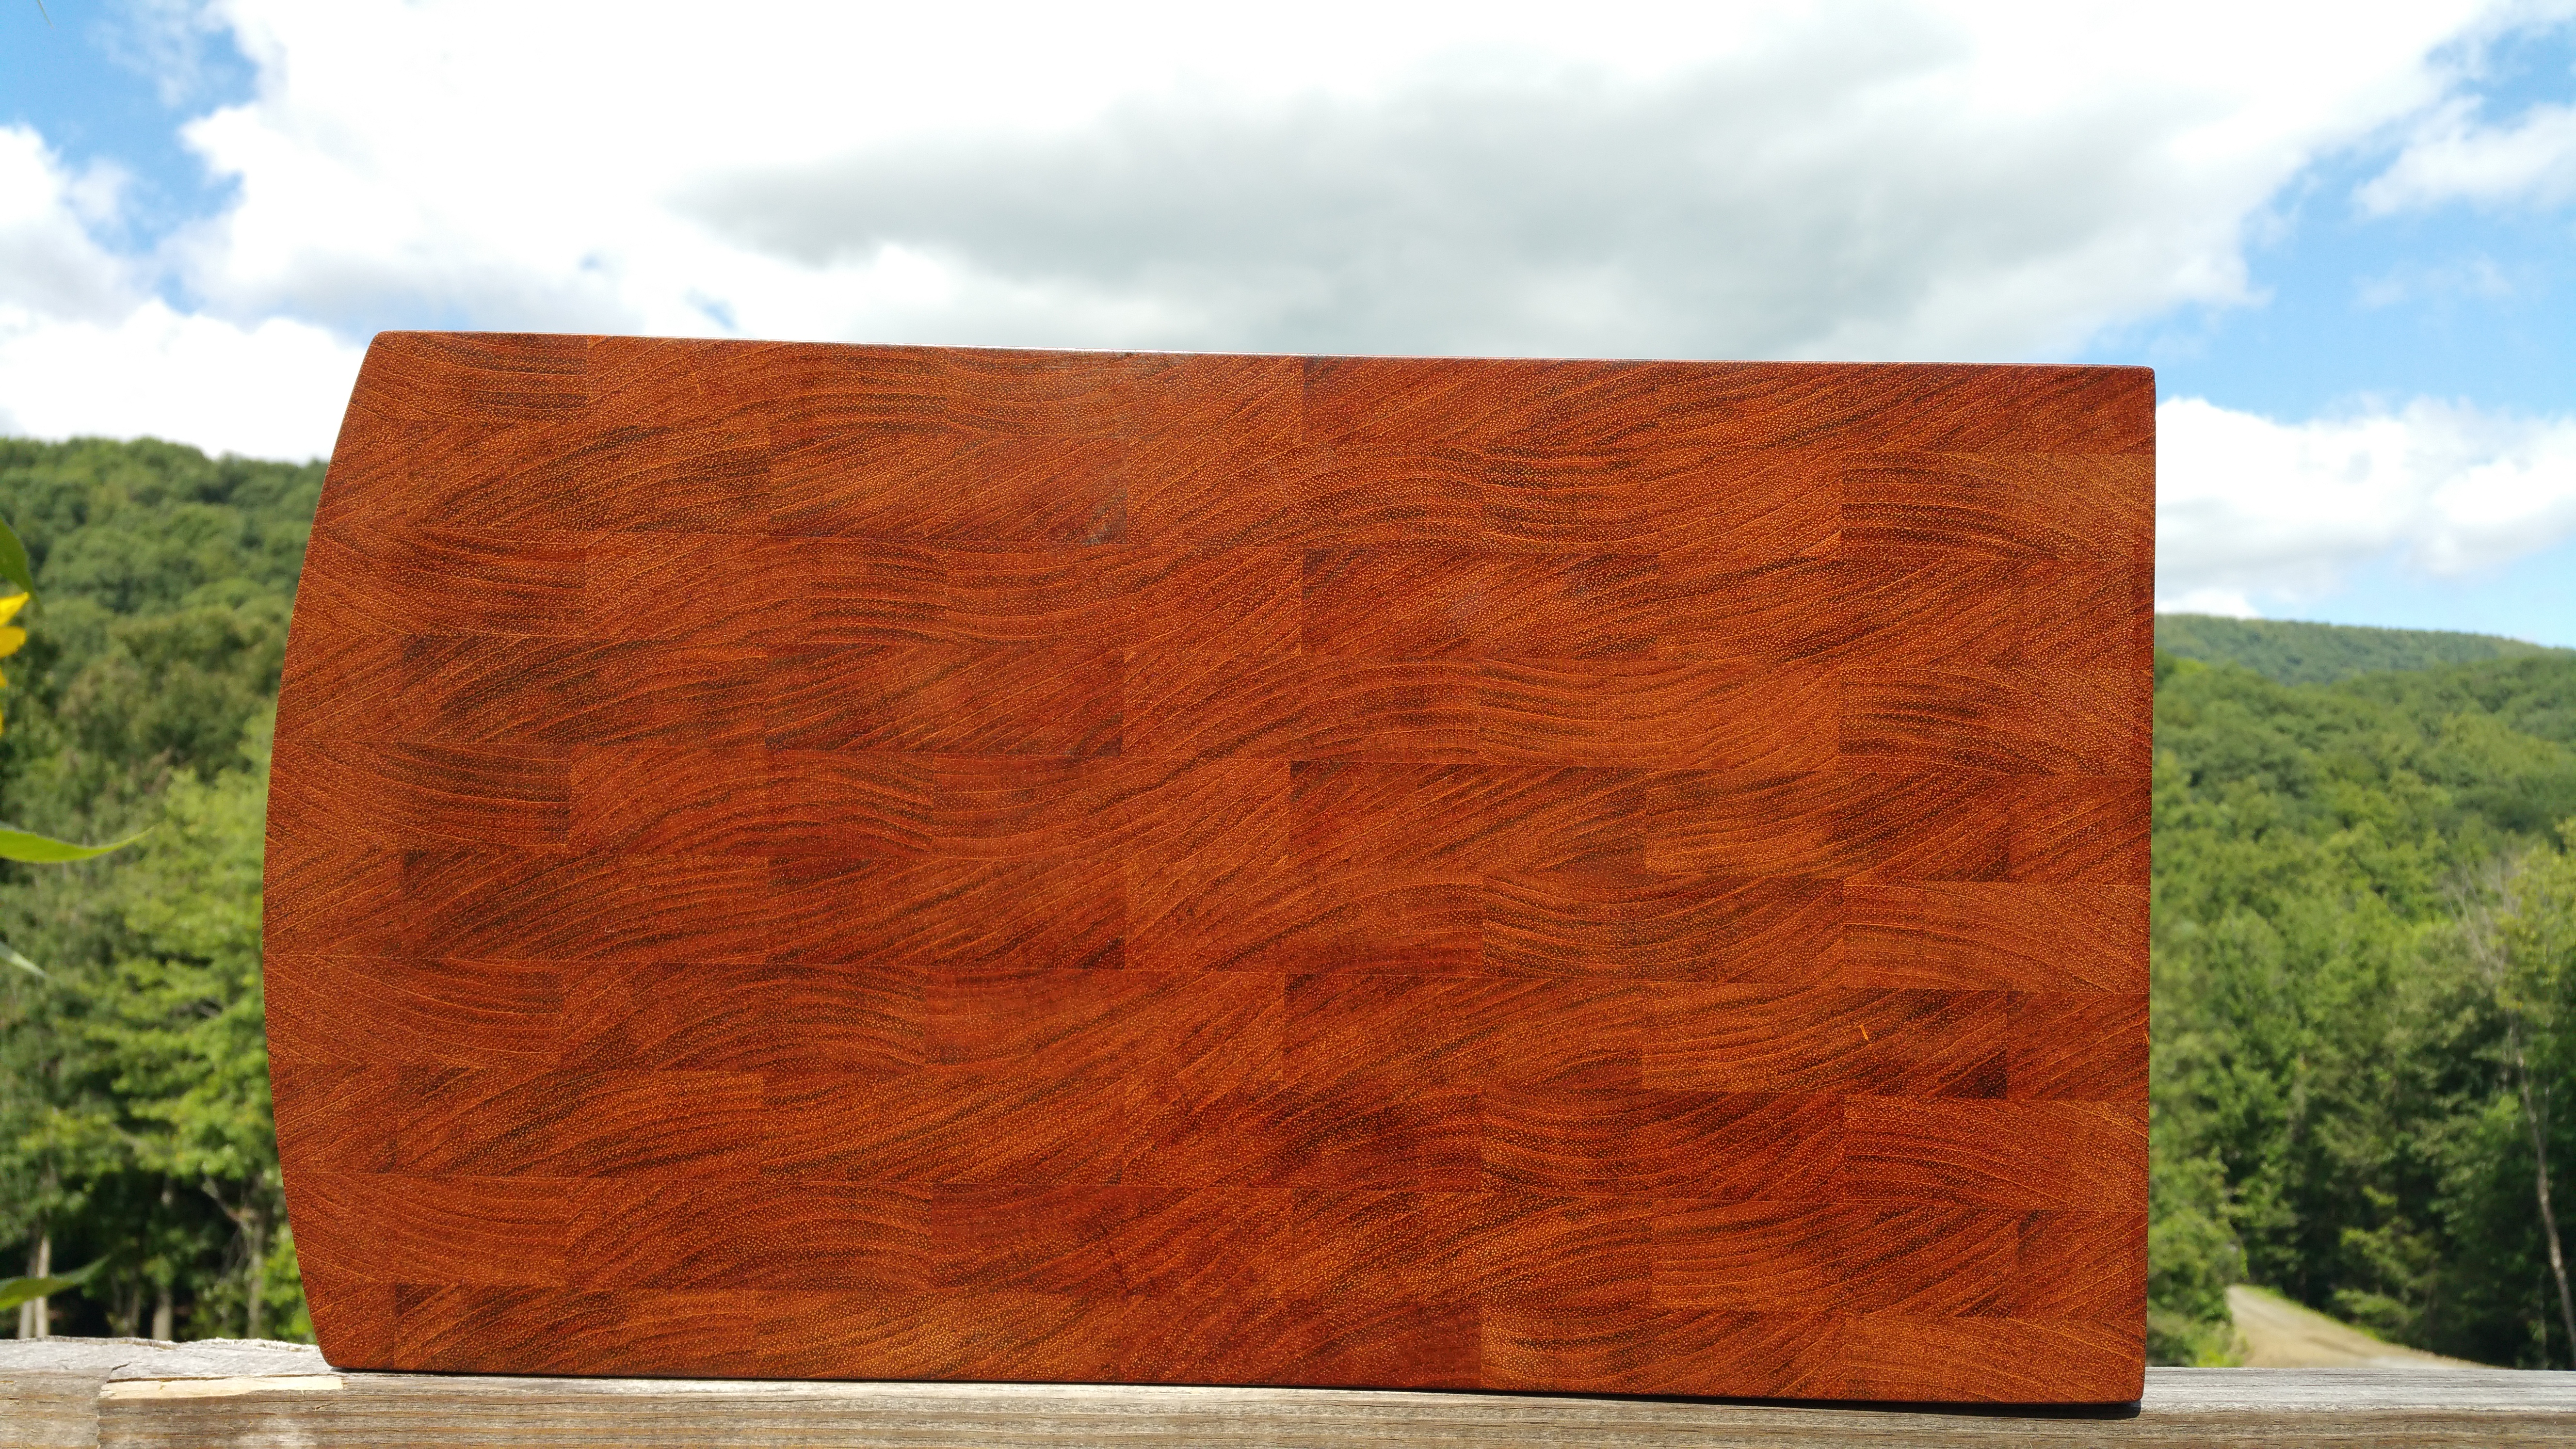 Top View of Brazilian Cherry Butcher Block Cutting Board